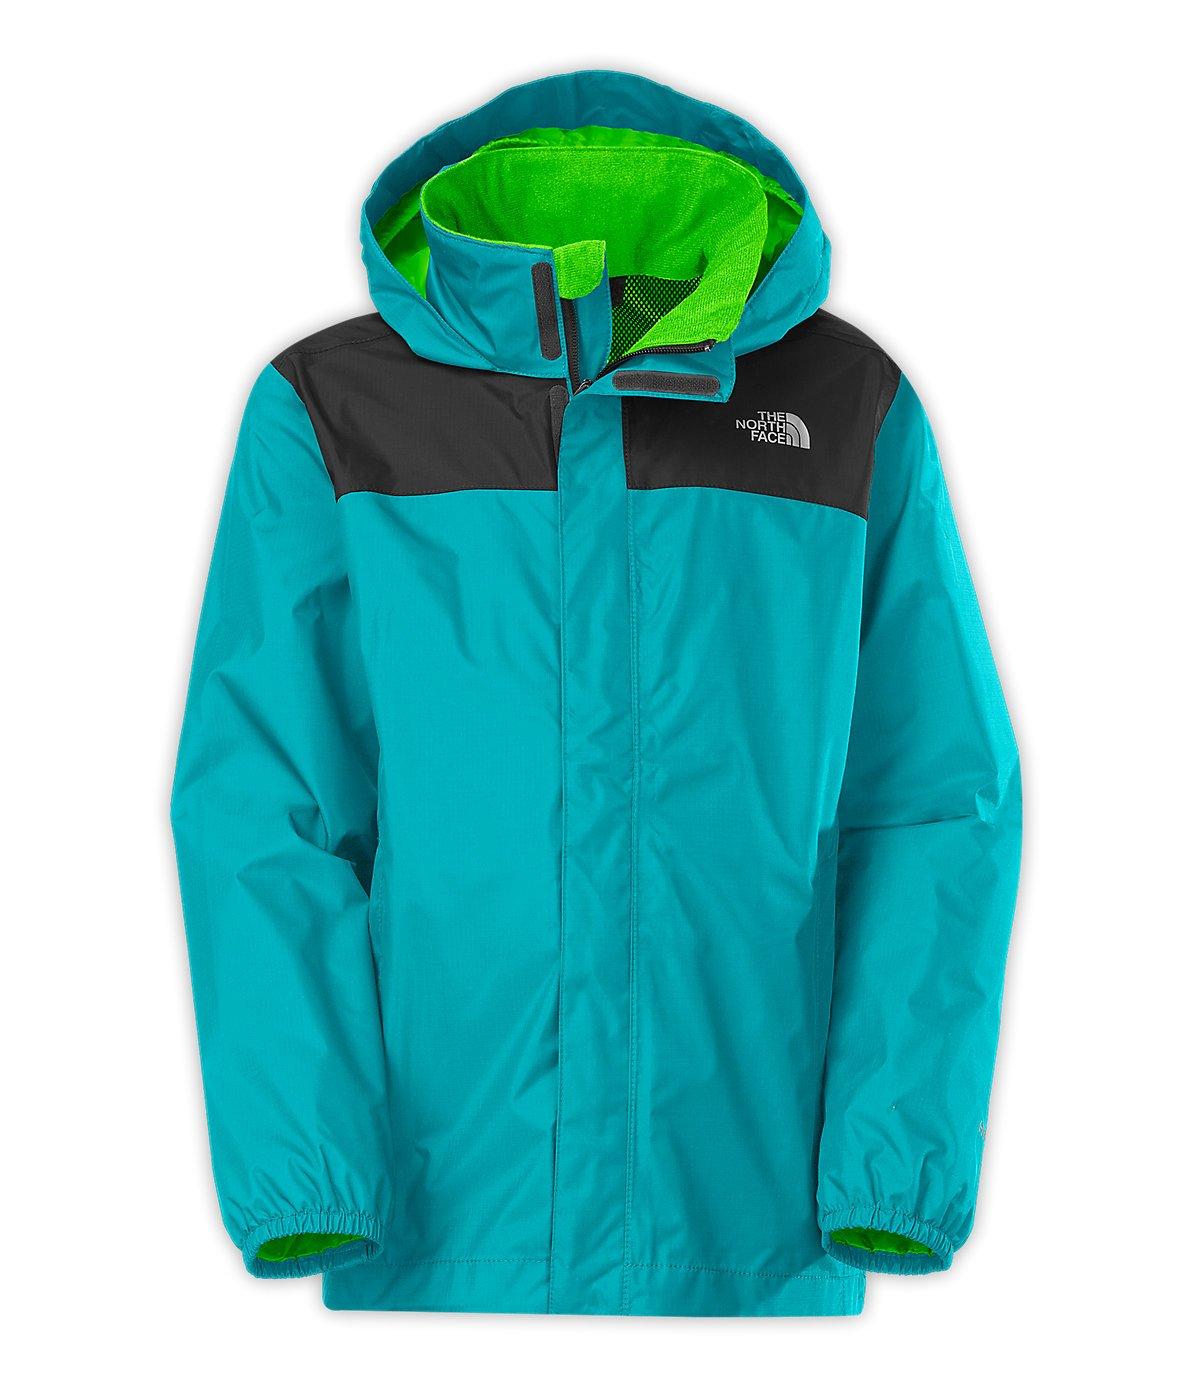 The North Face Kids Boy's Resolve Reflective Jacket (Little Kids/Big Kids) Enamel Blue LG (14-16 Big Kids)